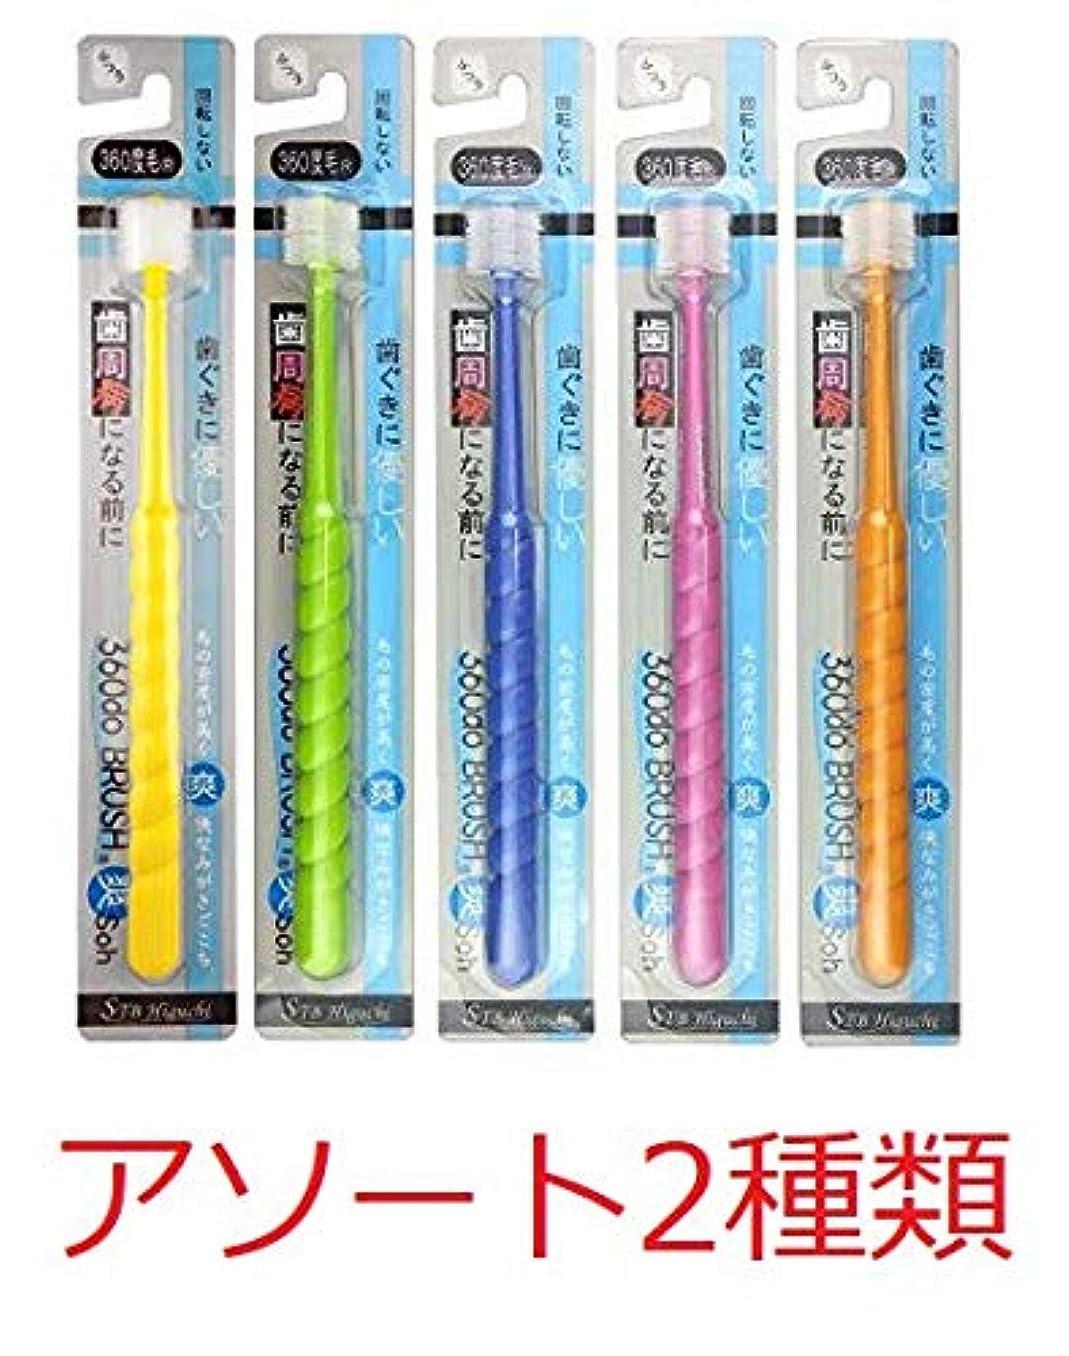 無し性別有益な360度歯ブラシ 360do BRUSH 爽(SOH)2個セット (カラーは2色おまかせ)